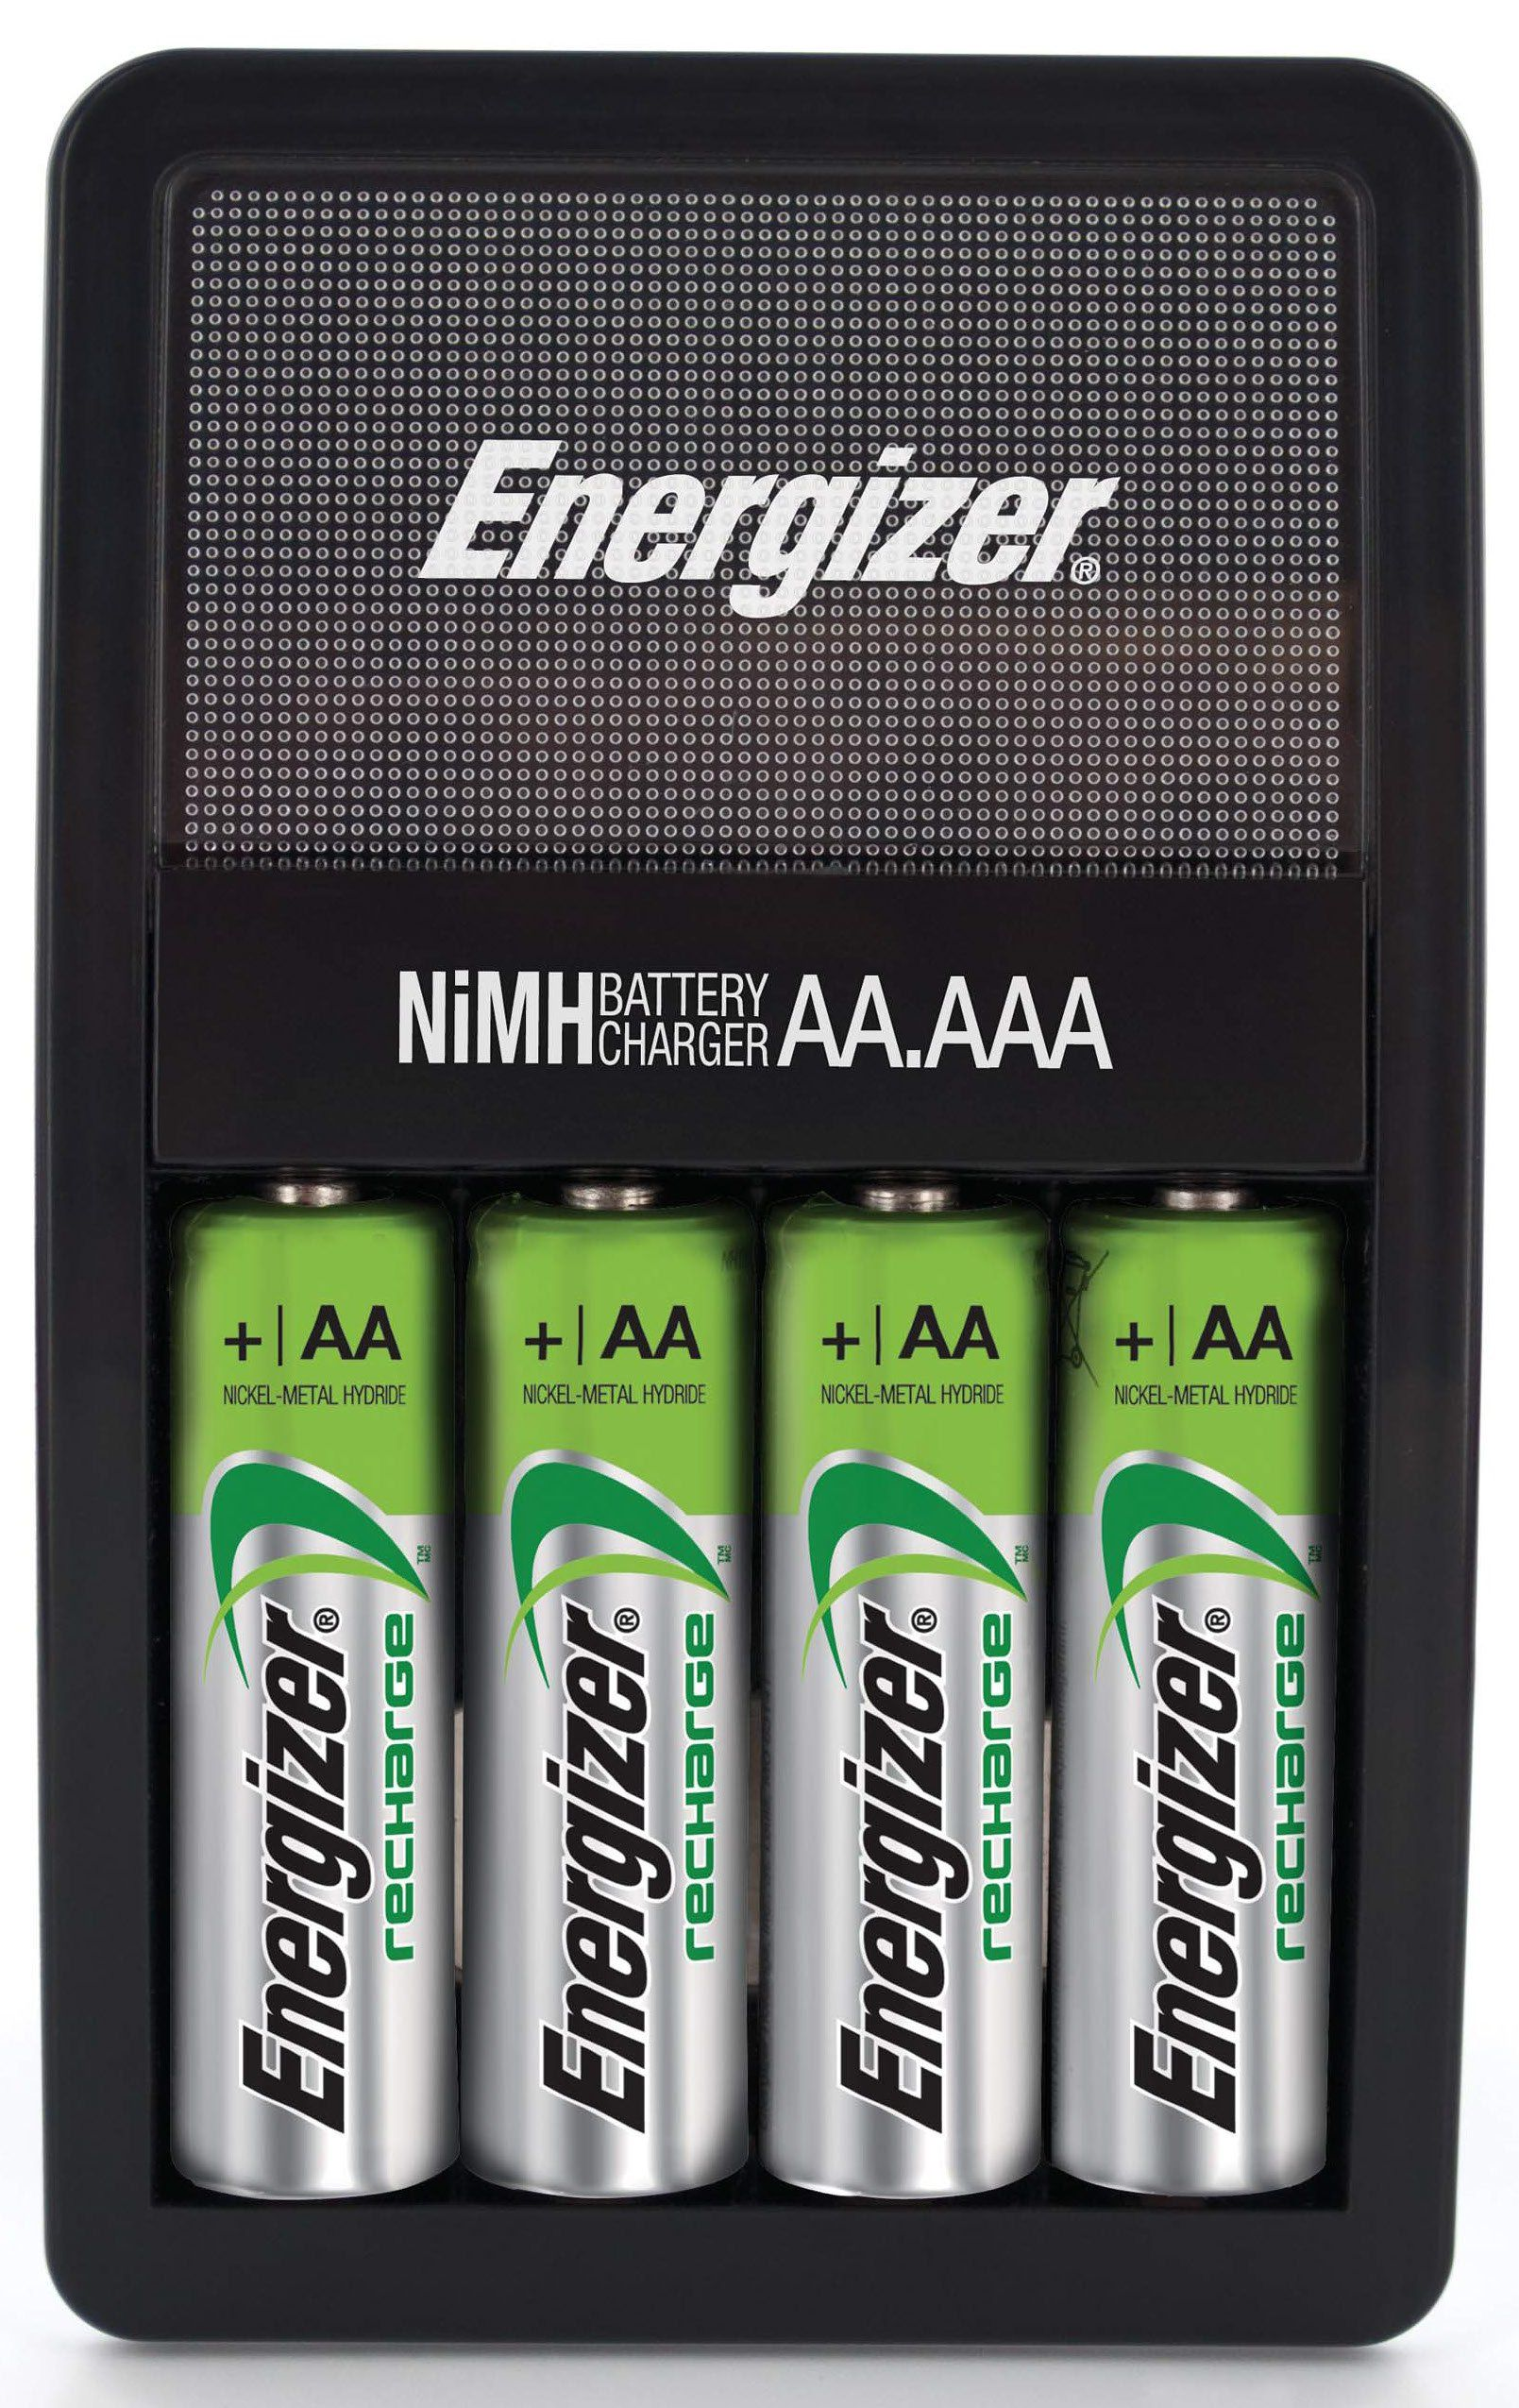 Aaa Rechargeable Battery Amazon